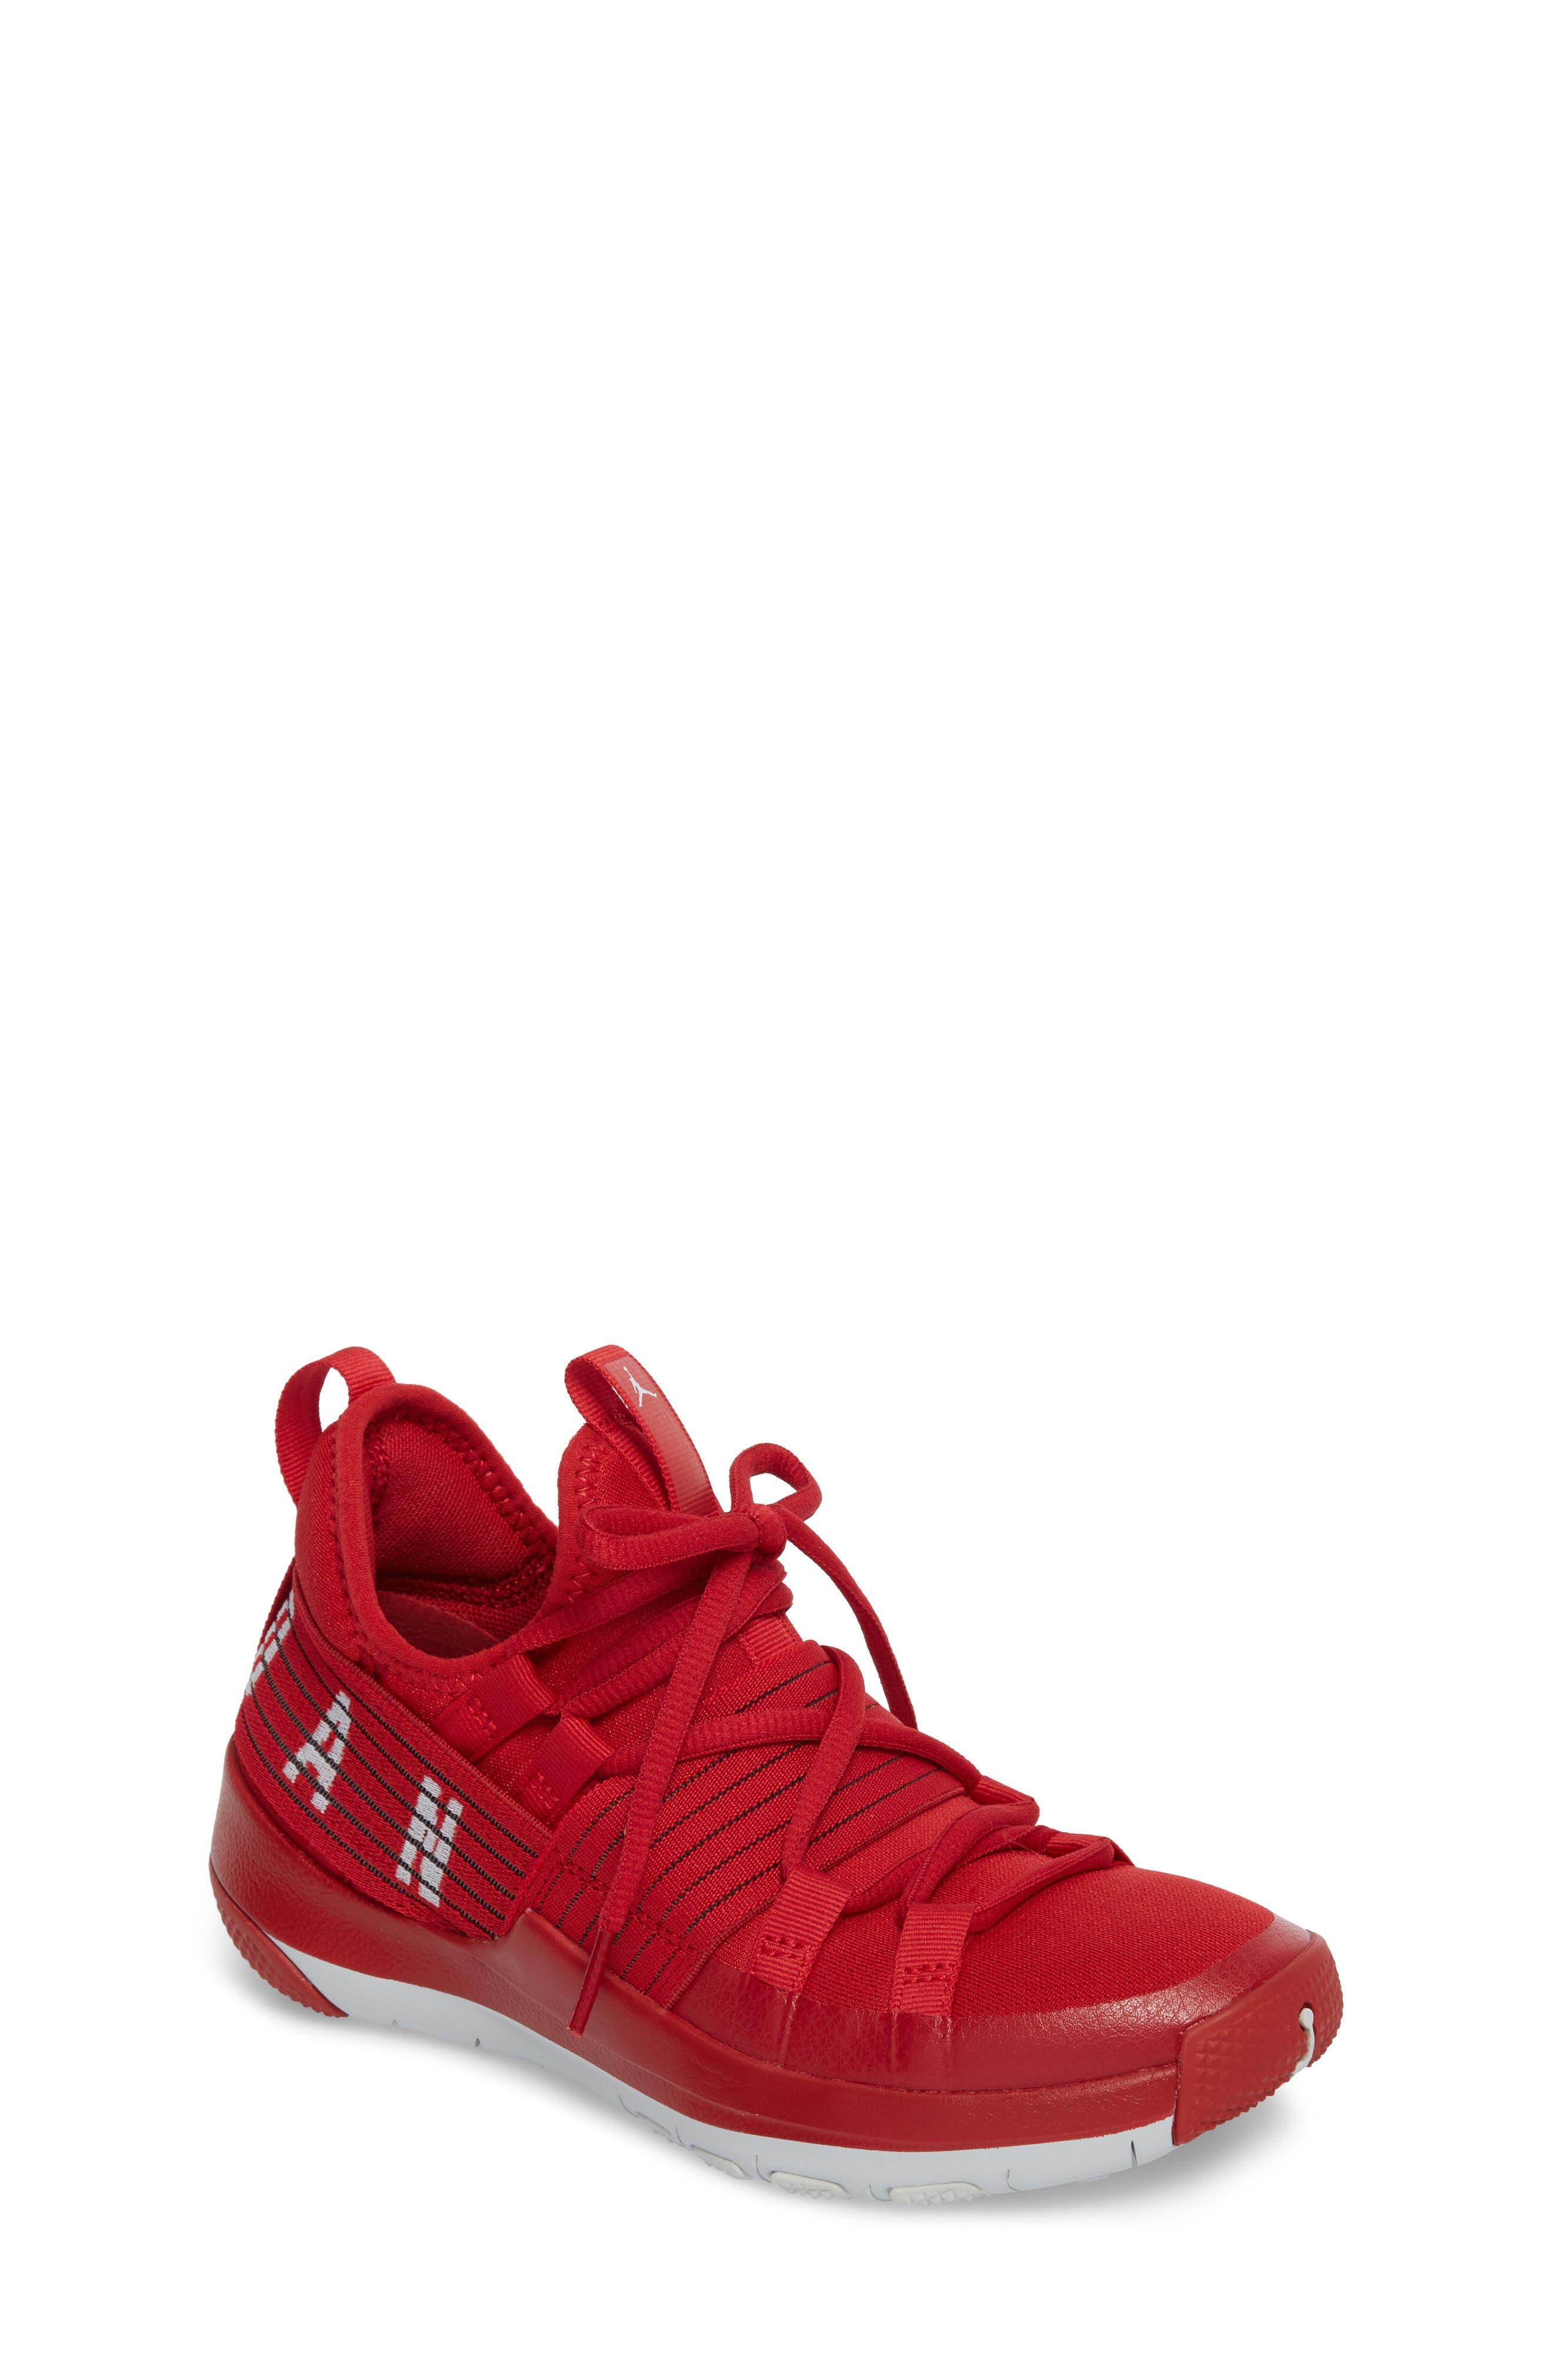 Trainer Pro Training Shoe,                         Main,                         color, 603